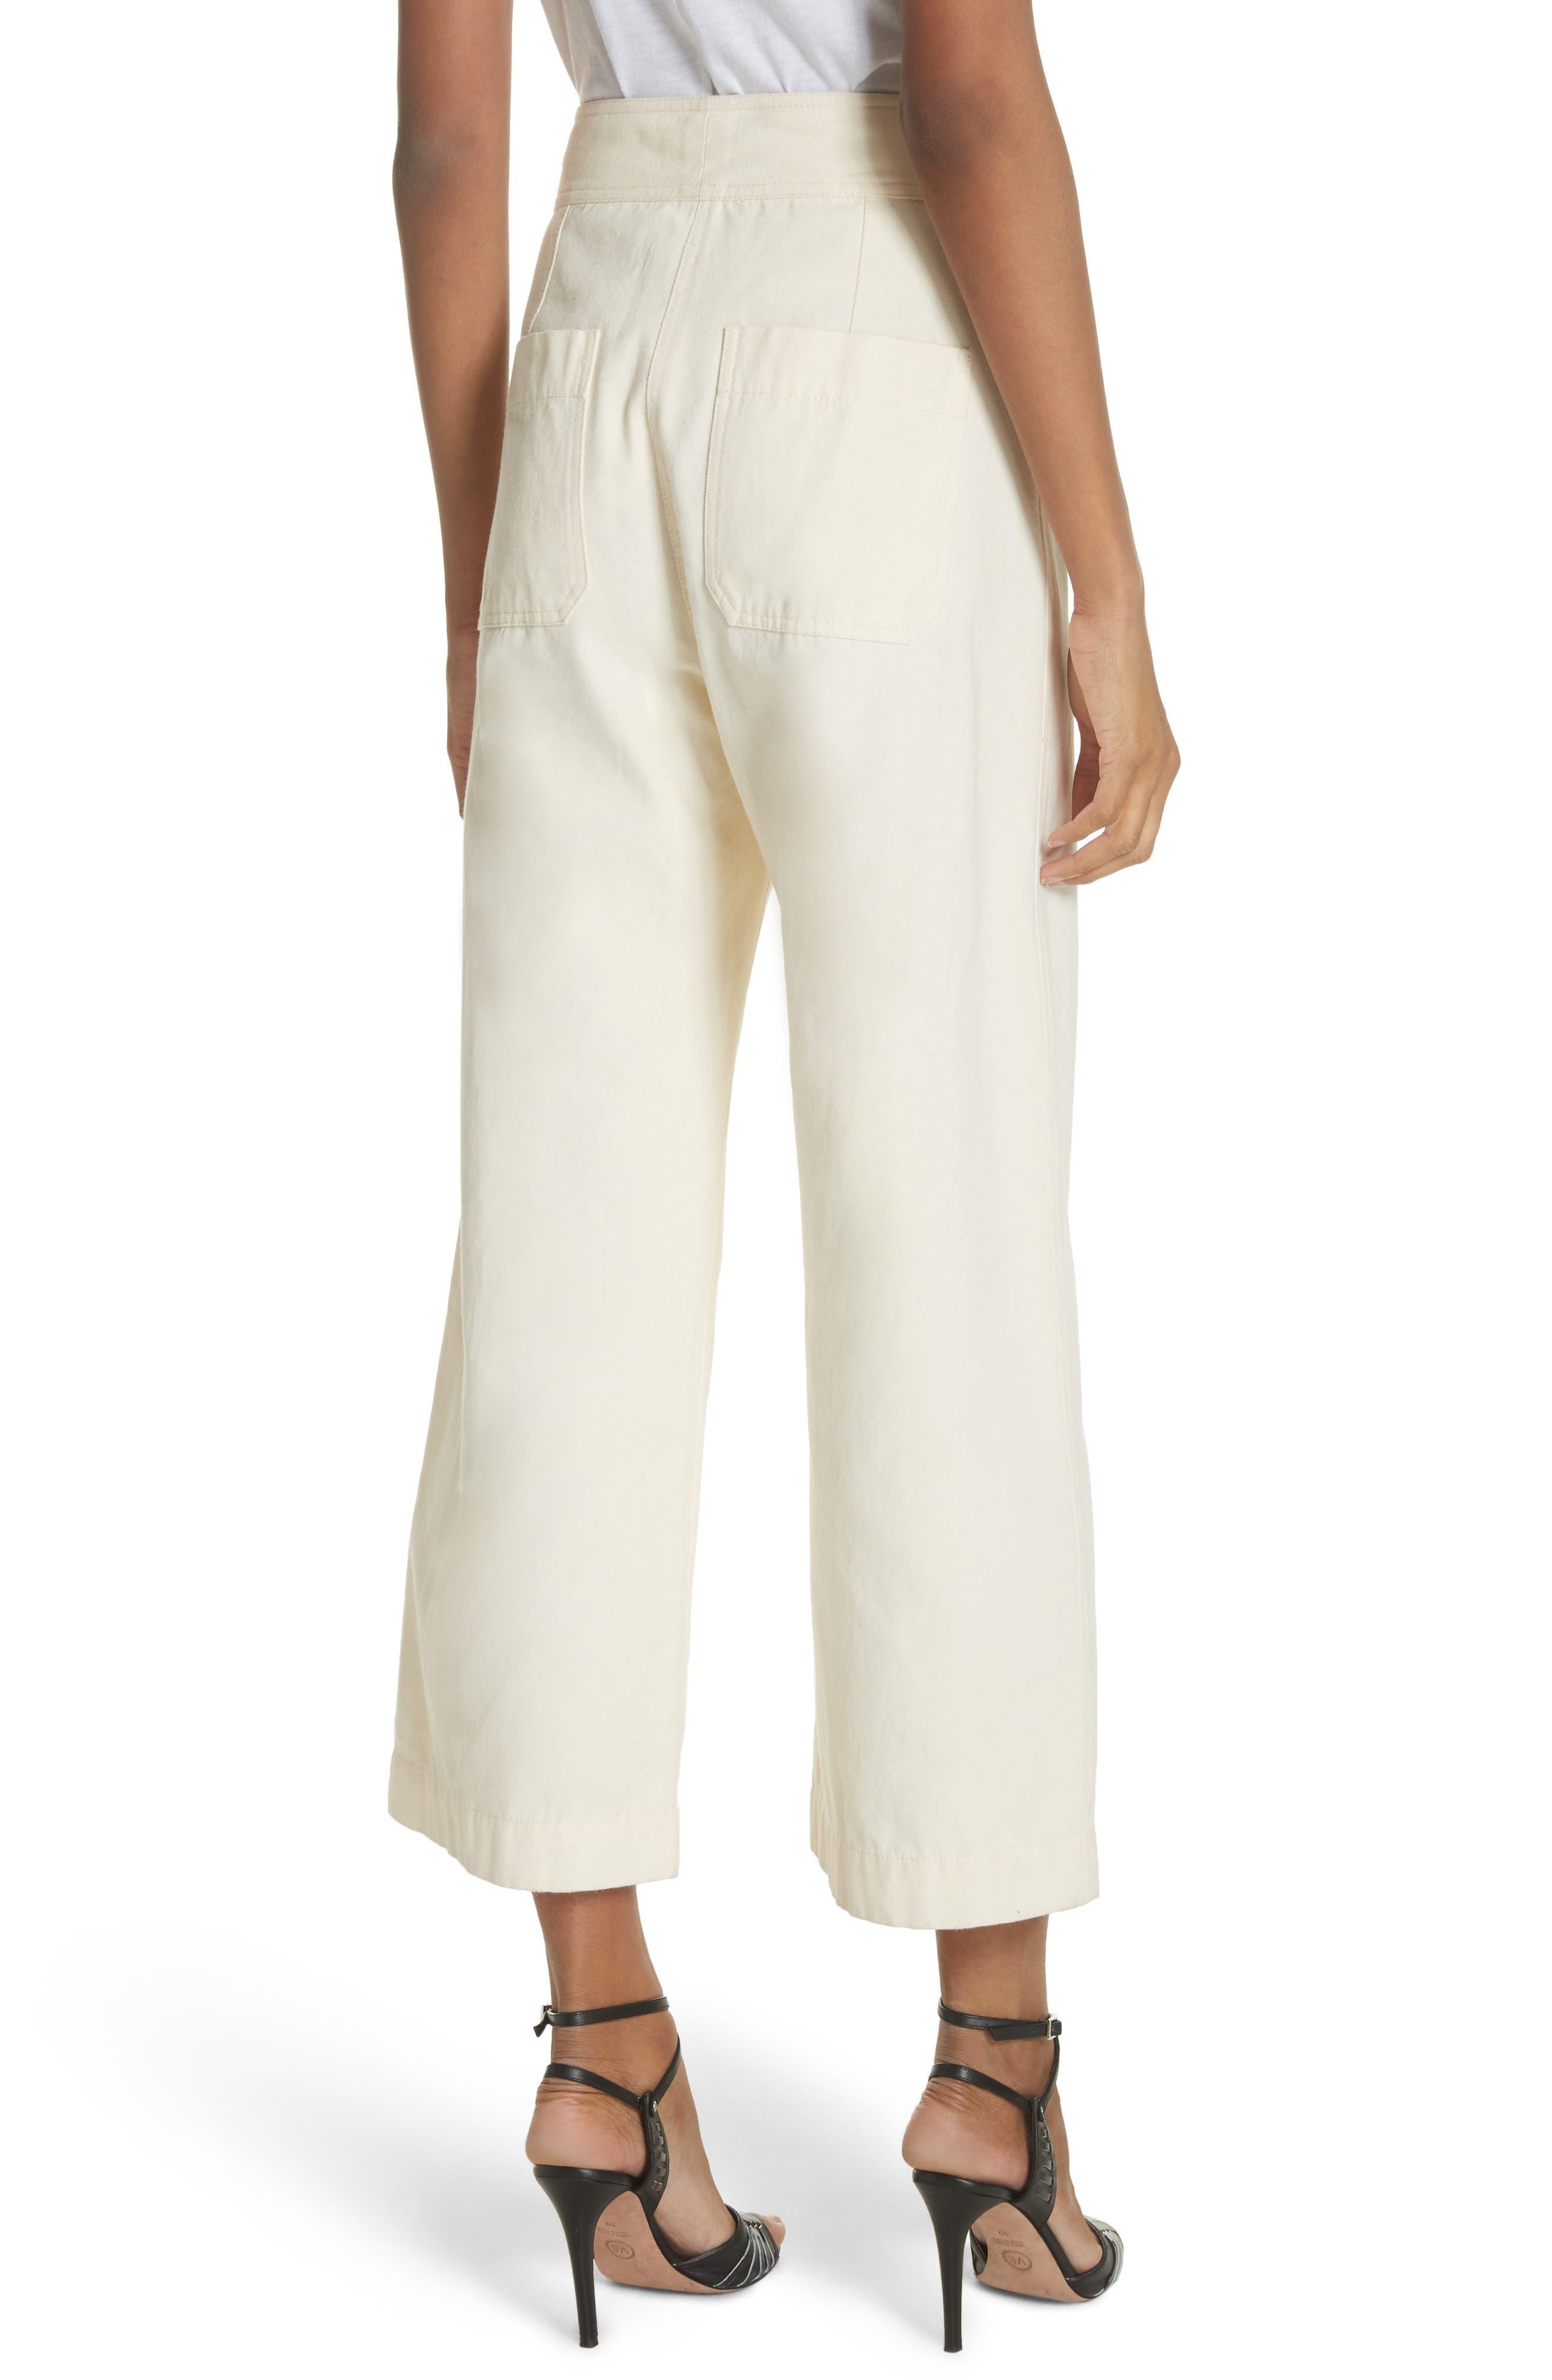 Caymen Cotton Gaucho Pants,                             Alternate thumbnail 2, color,                             Natural